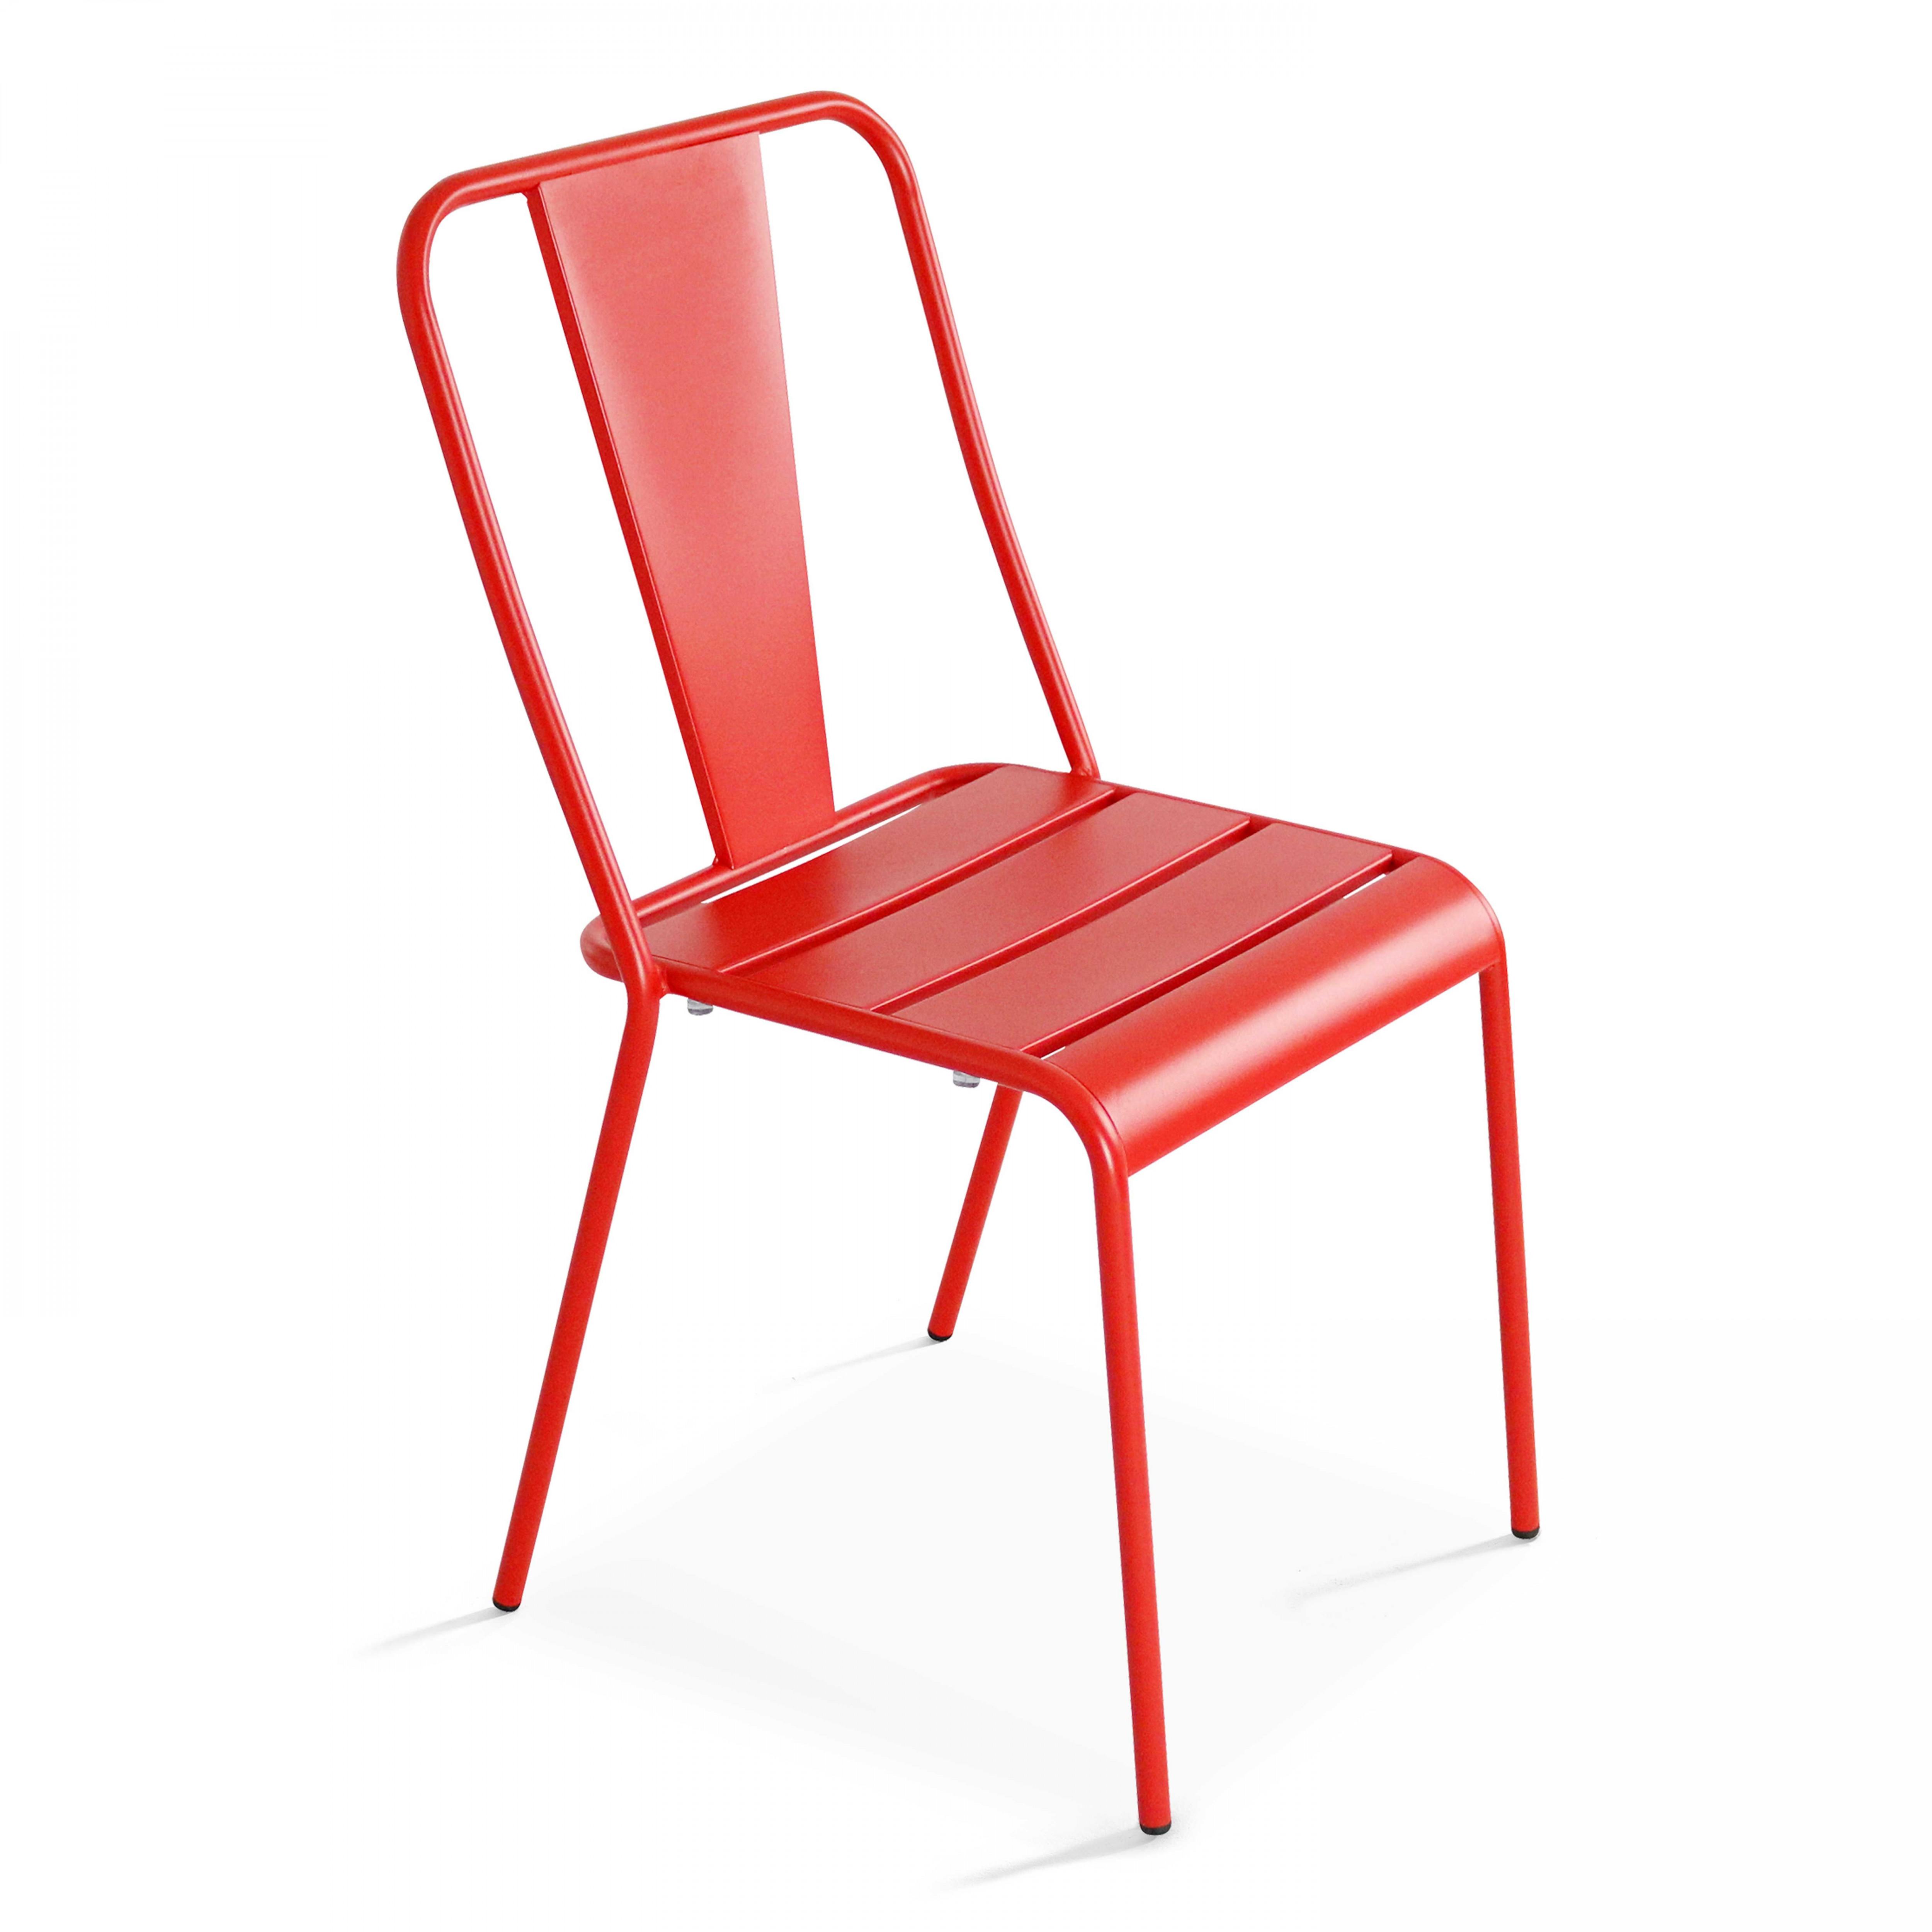 Chaise de jardin bistrot 1 place en acier rouge